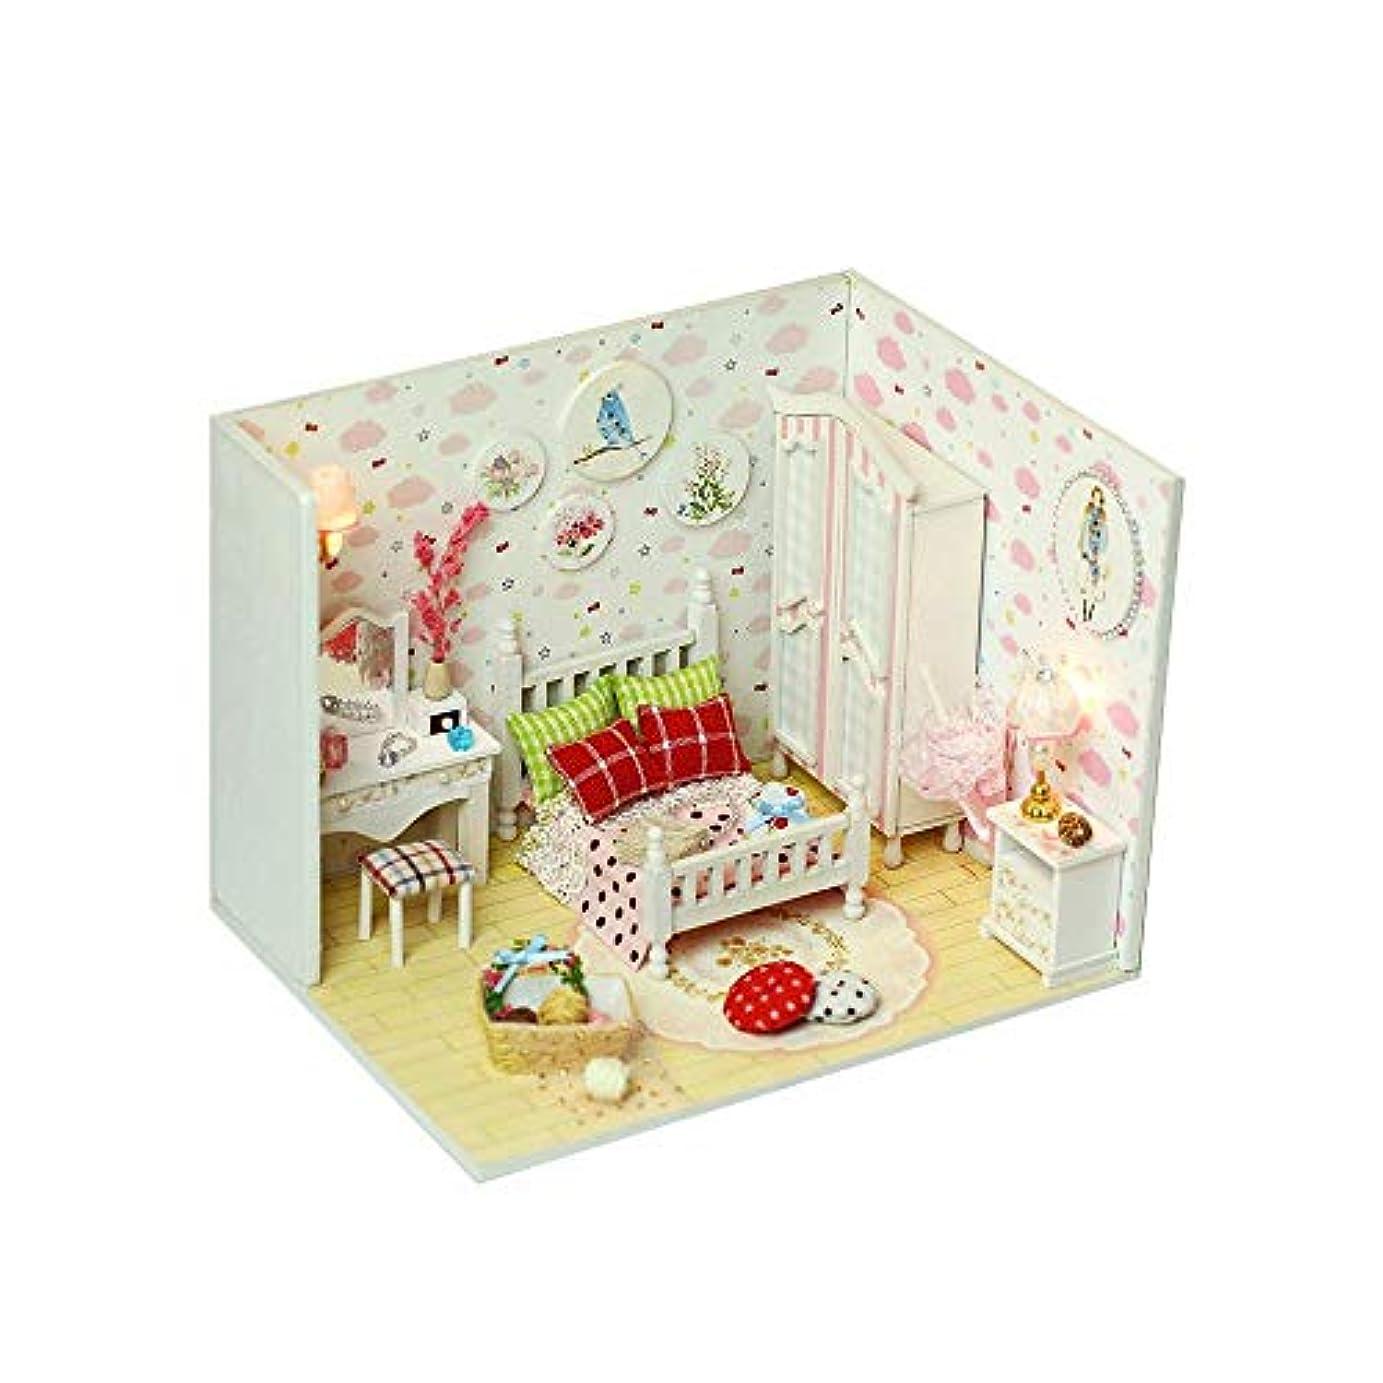 セーブ変な怠惰DANHCHUN DIYドール ハウス ハンド クラフトかわいい木製ハウス ミニ ベッド ルーム家具キット、スウィートスタードリームギフト用キッズDIYハウス